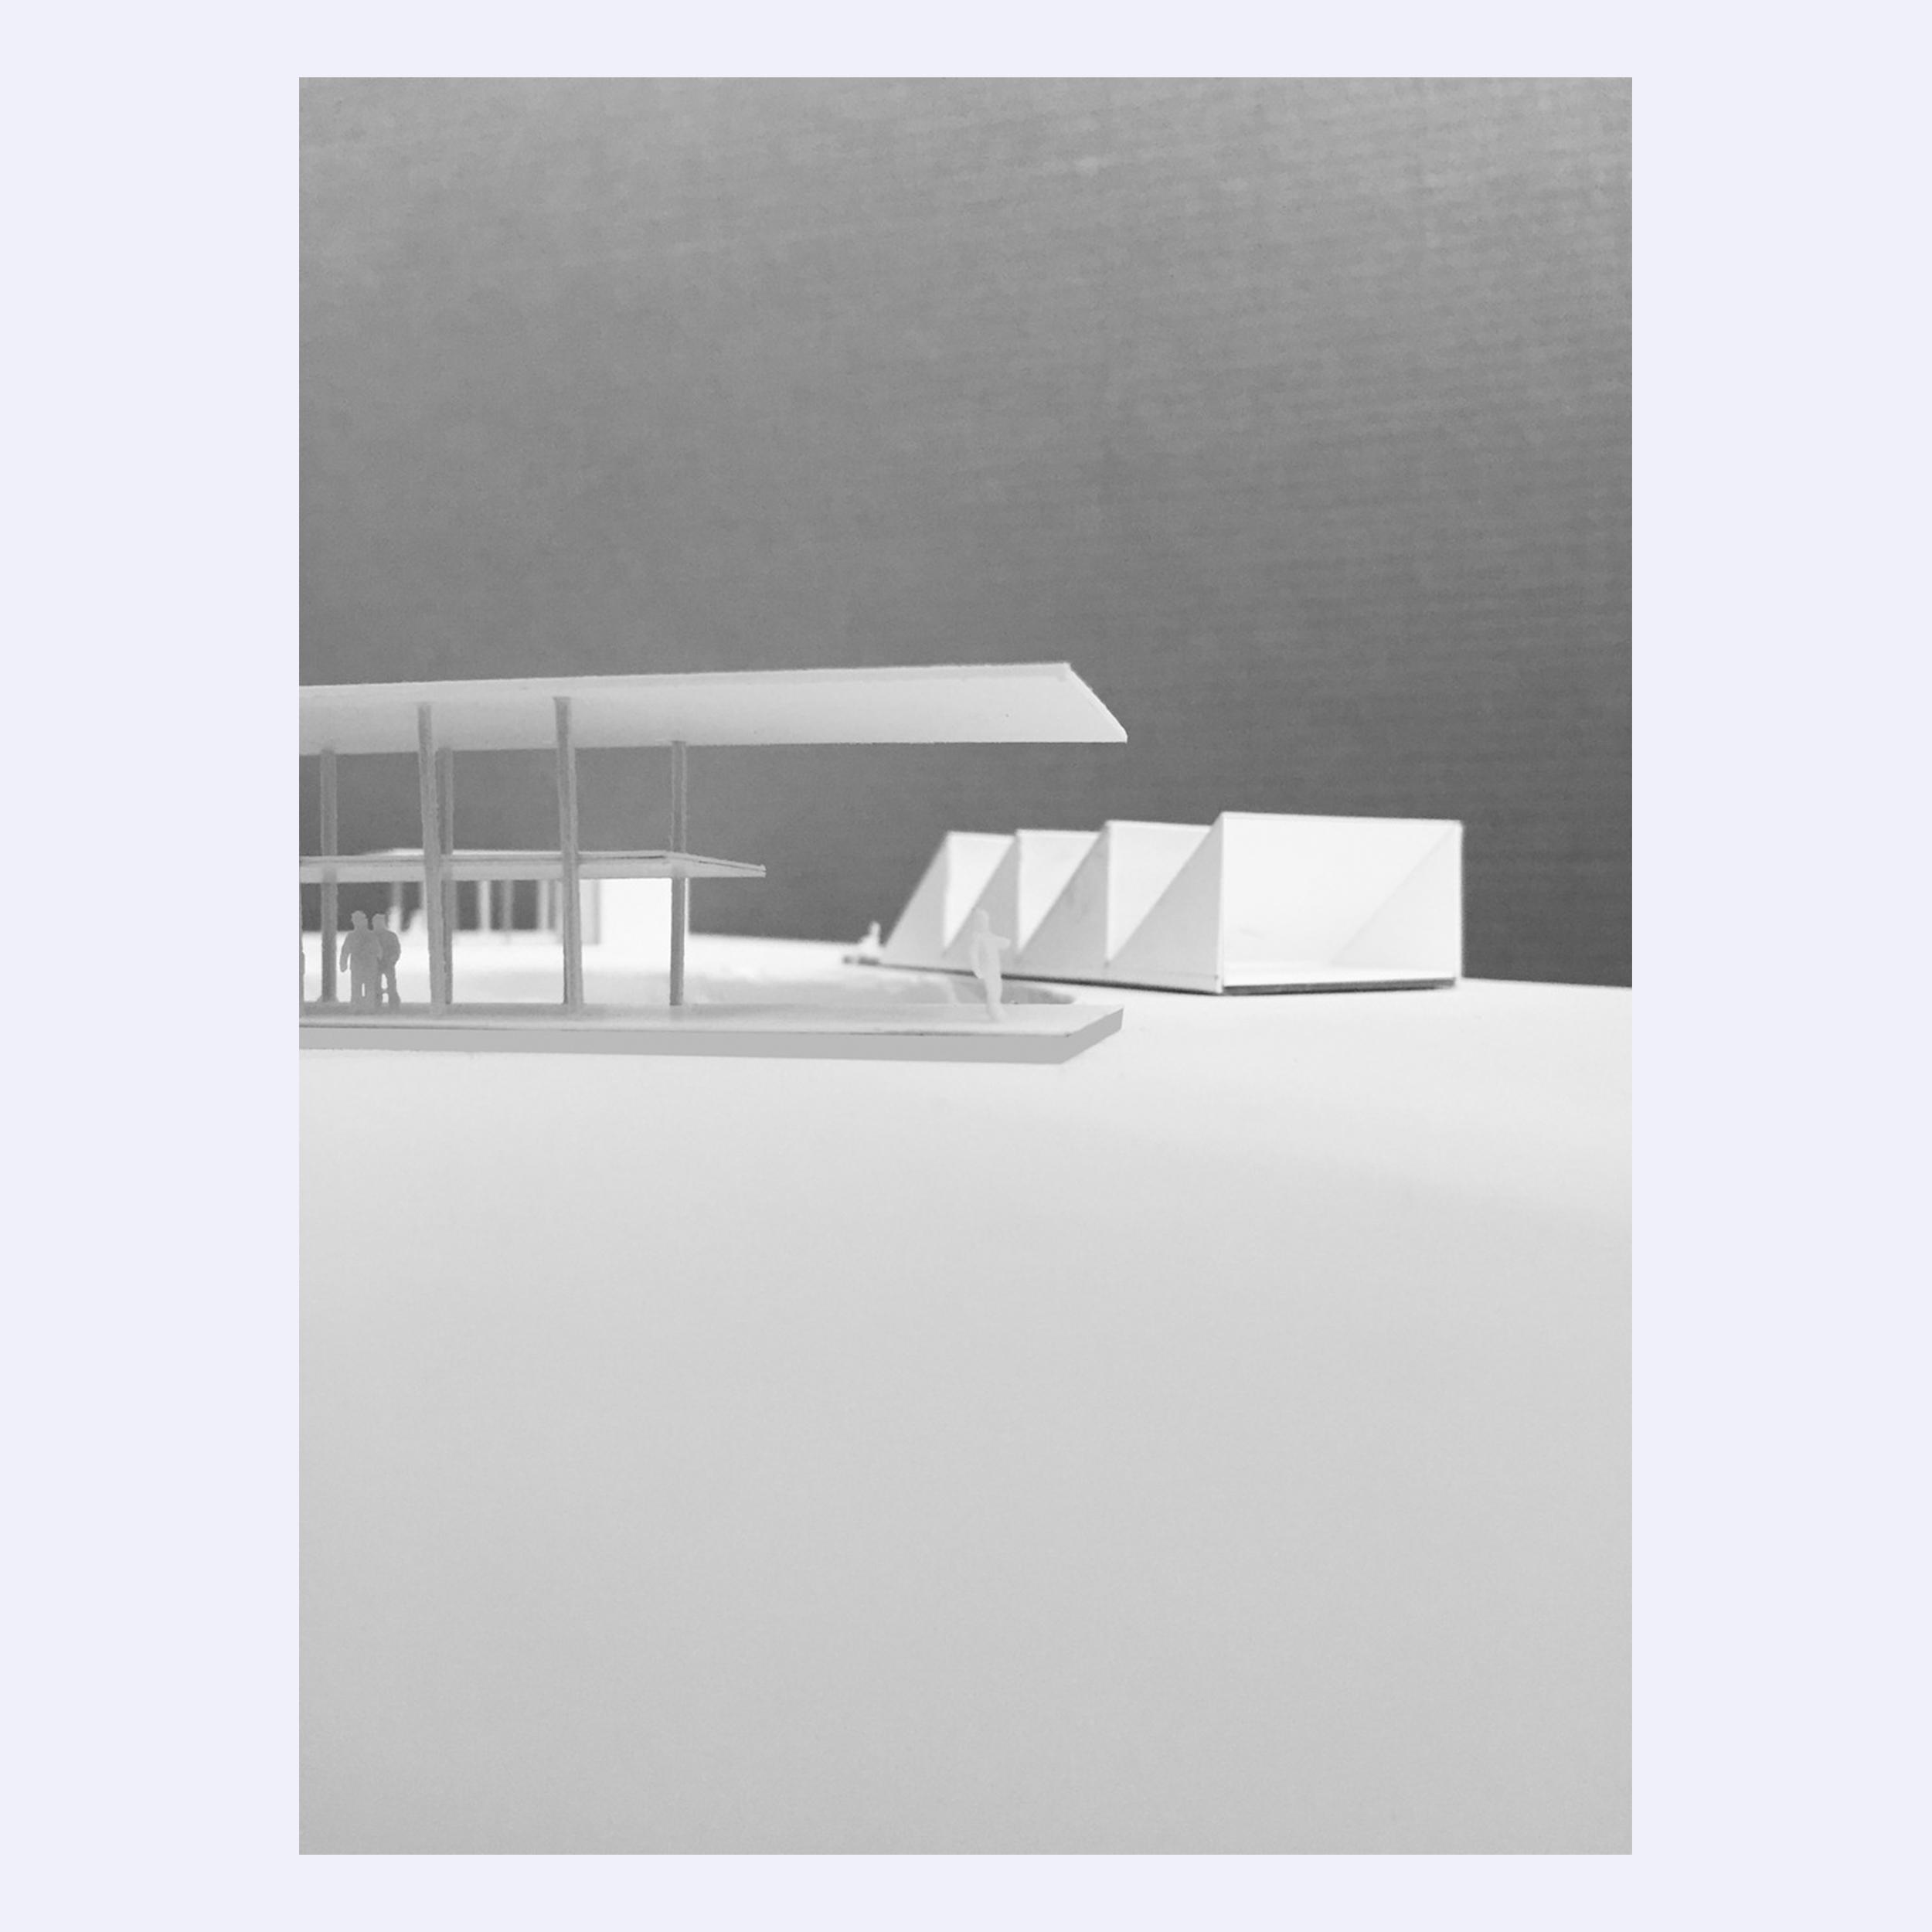 7_Model.jpg